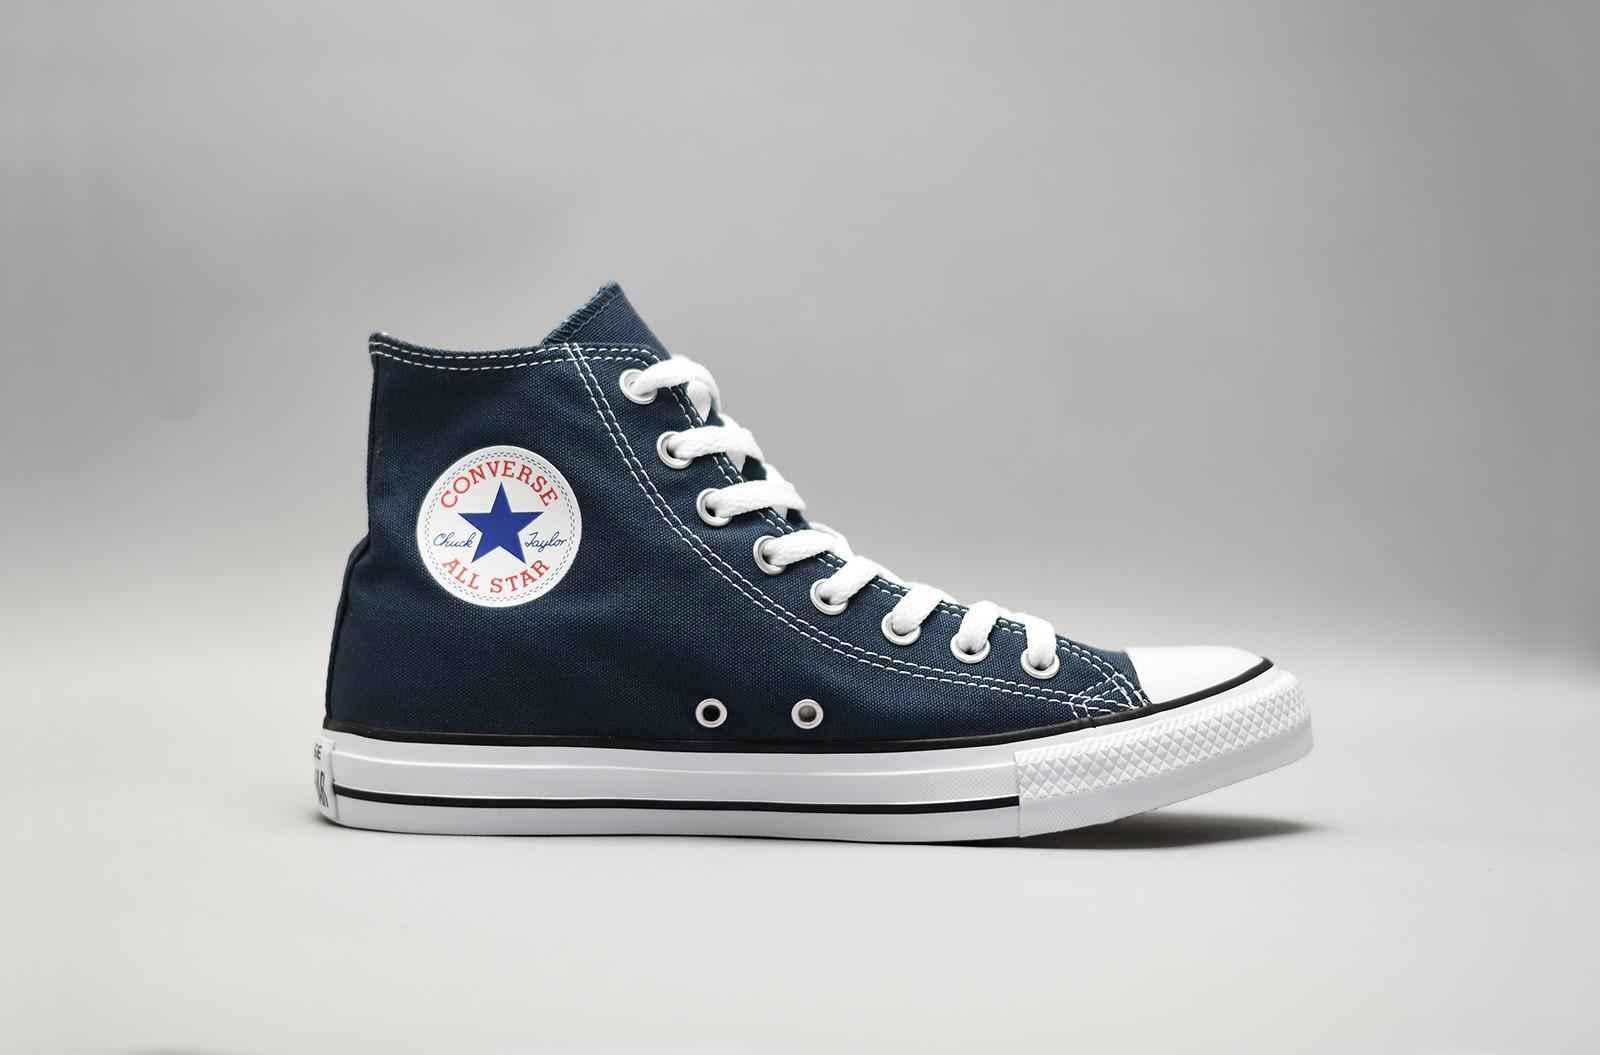 f396468fdaa Pánské kotníkové boty Converse Chuck Taylor All Star modré